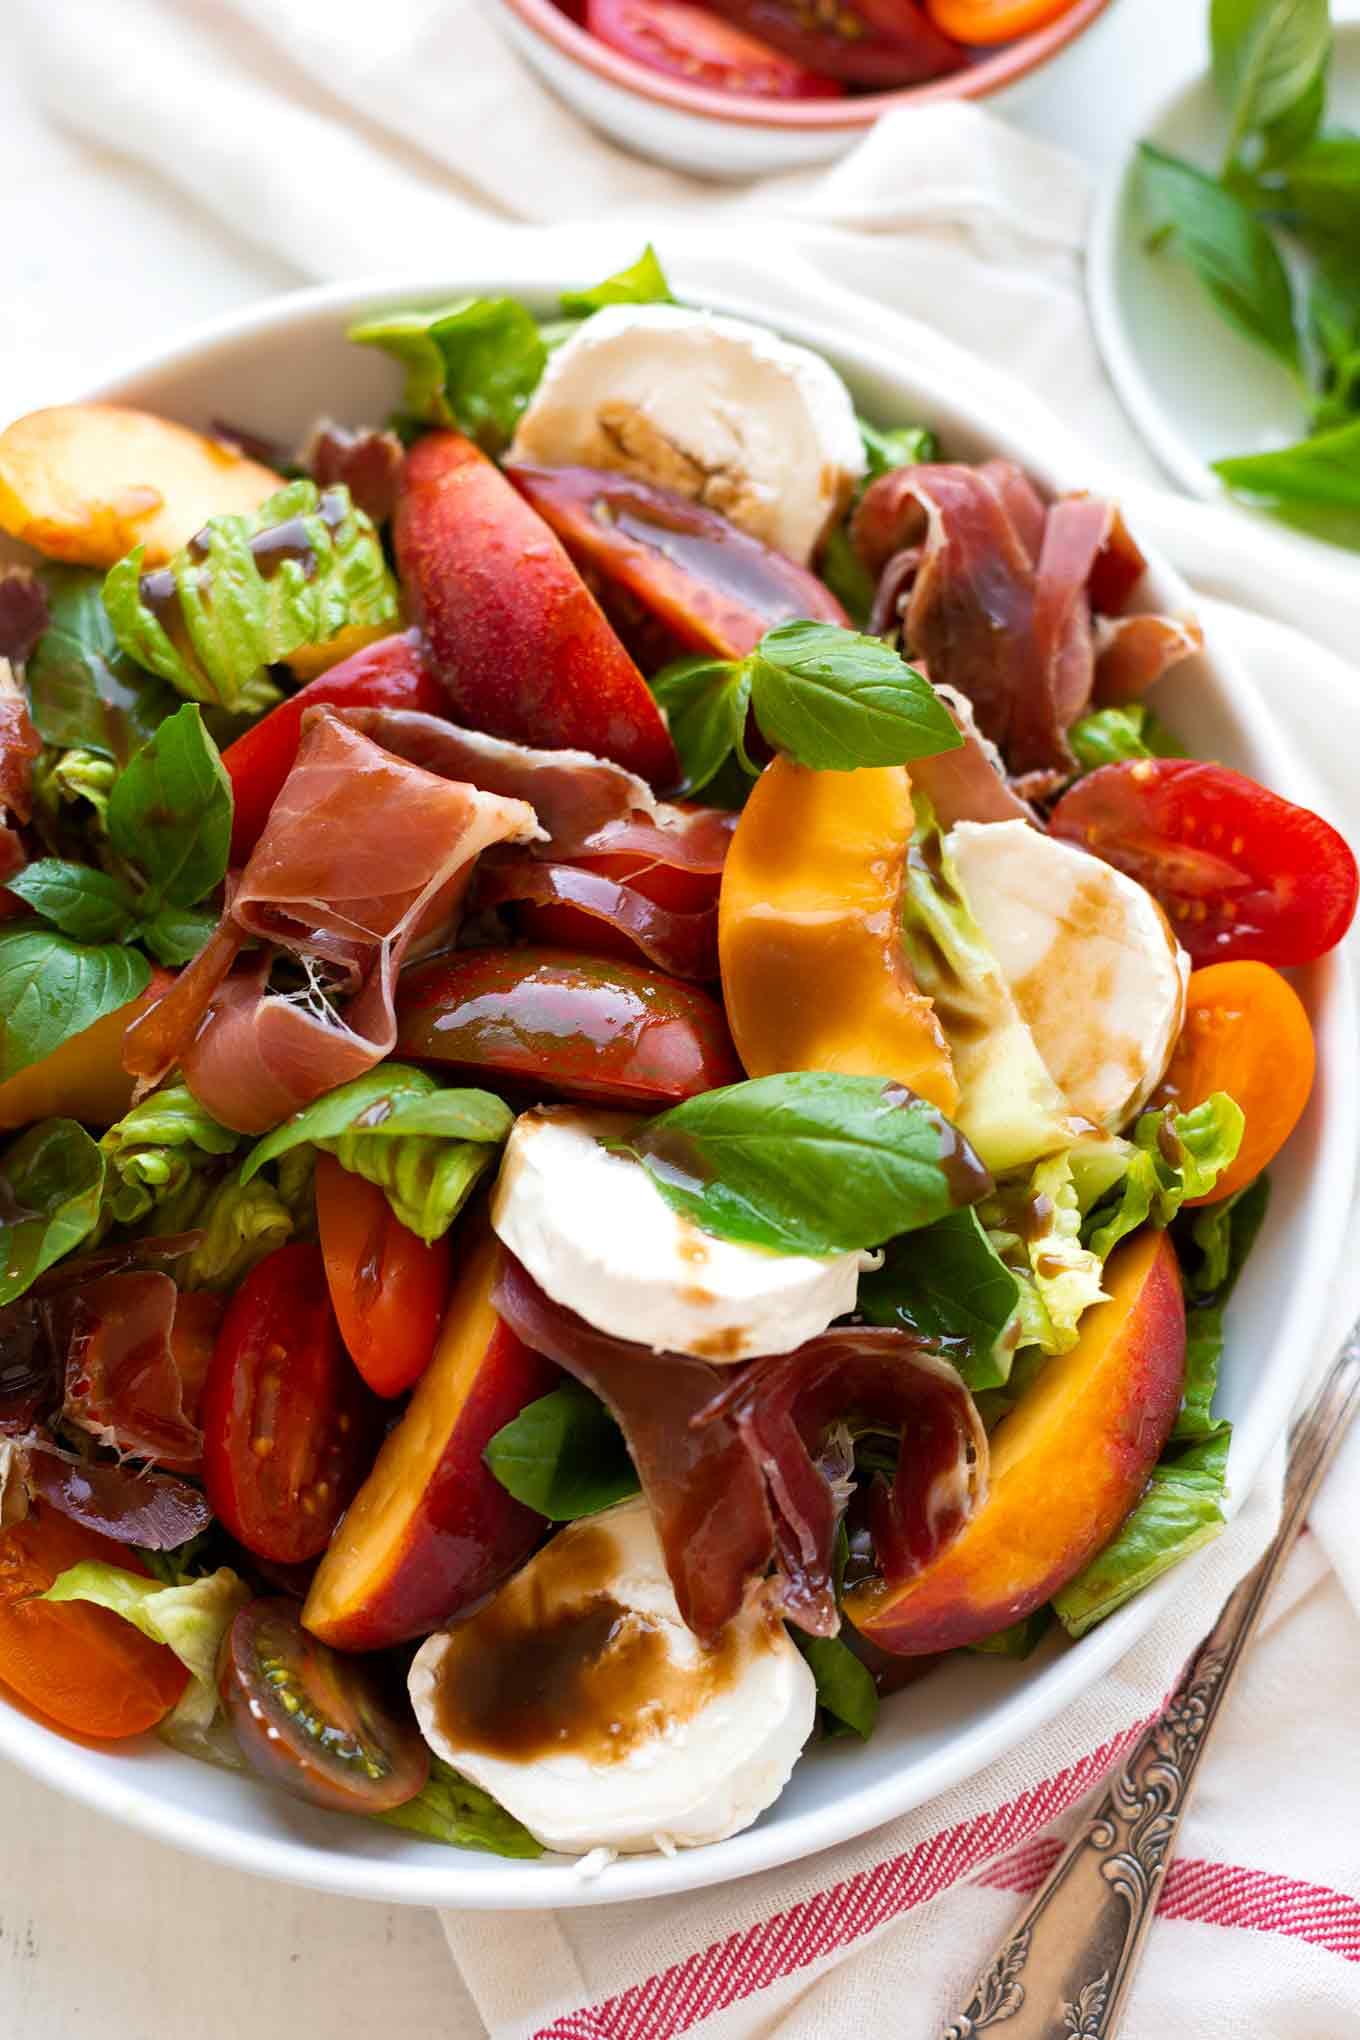 Rezept: Sommerlicher Nektarinen-Ziegenkäse-Salat mit bunten Tomaten